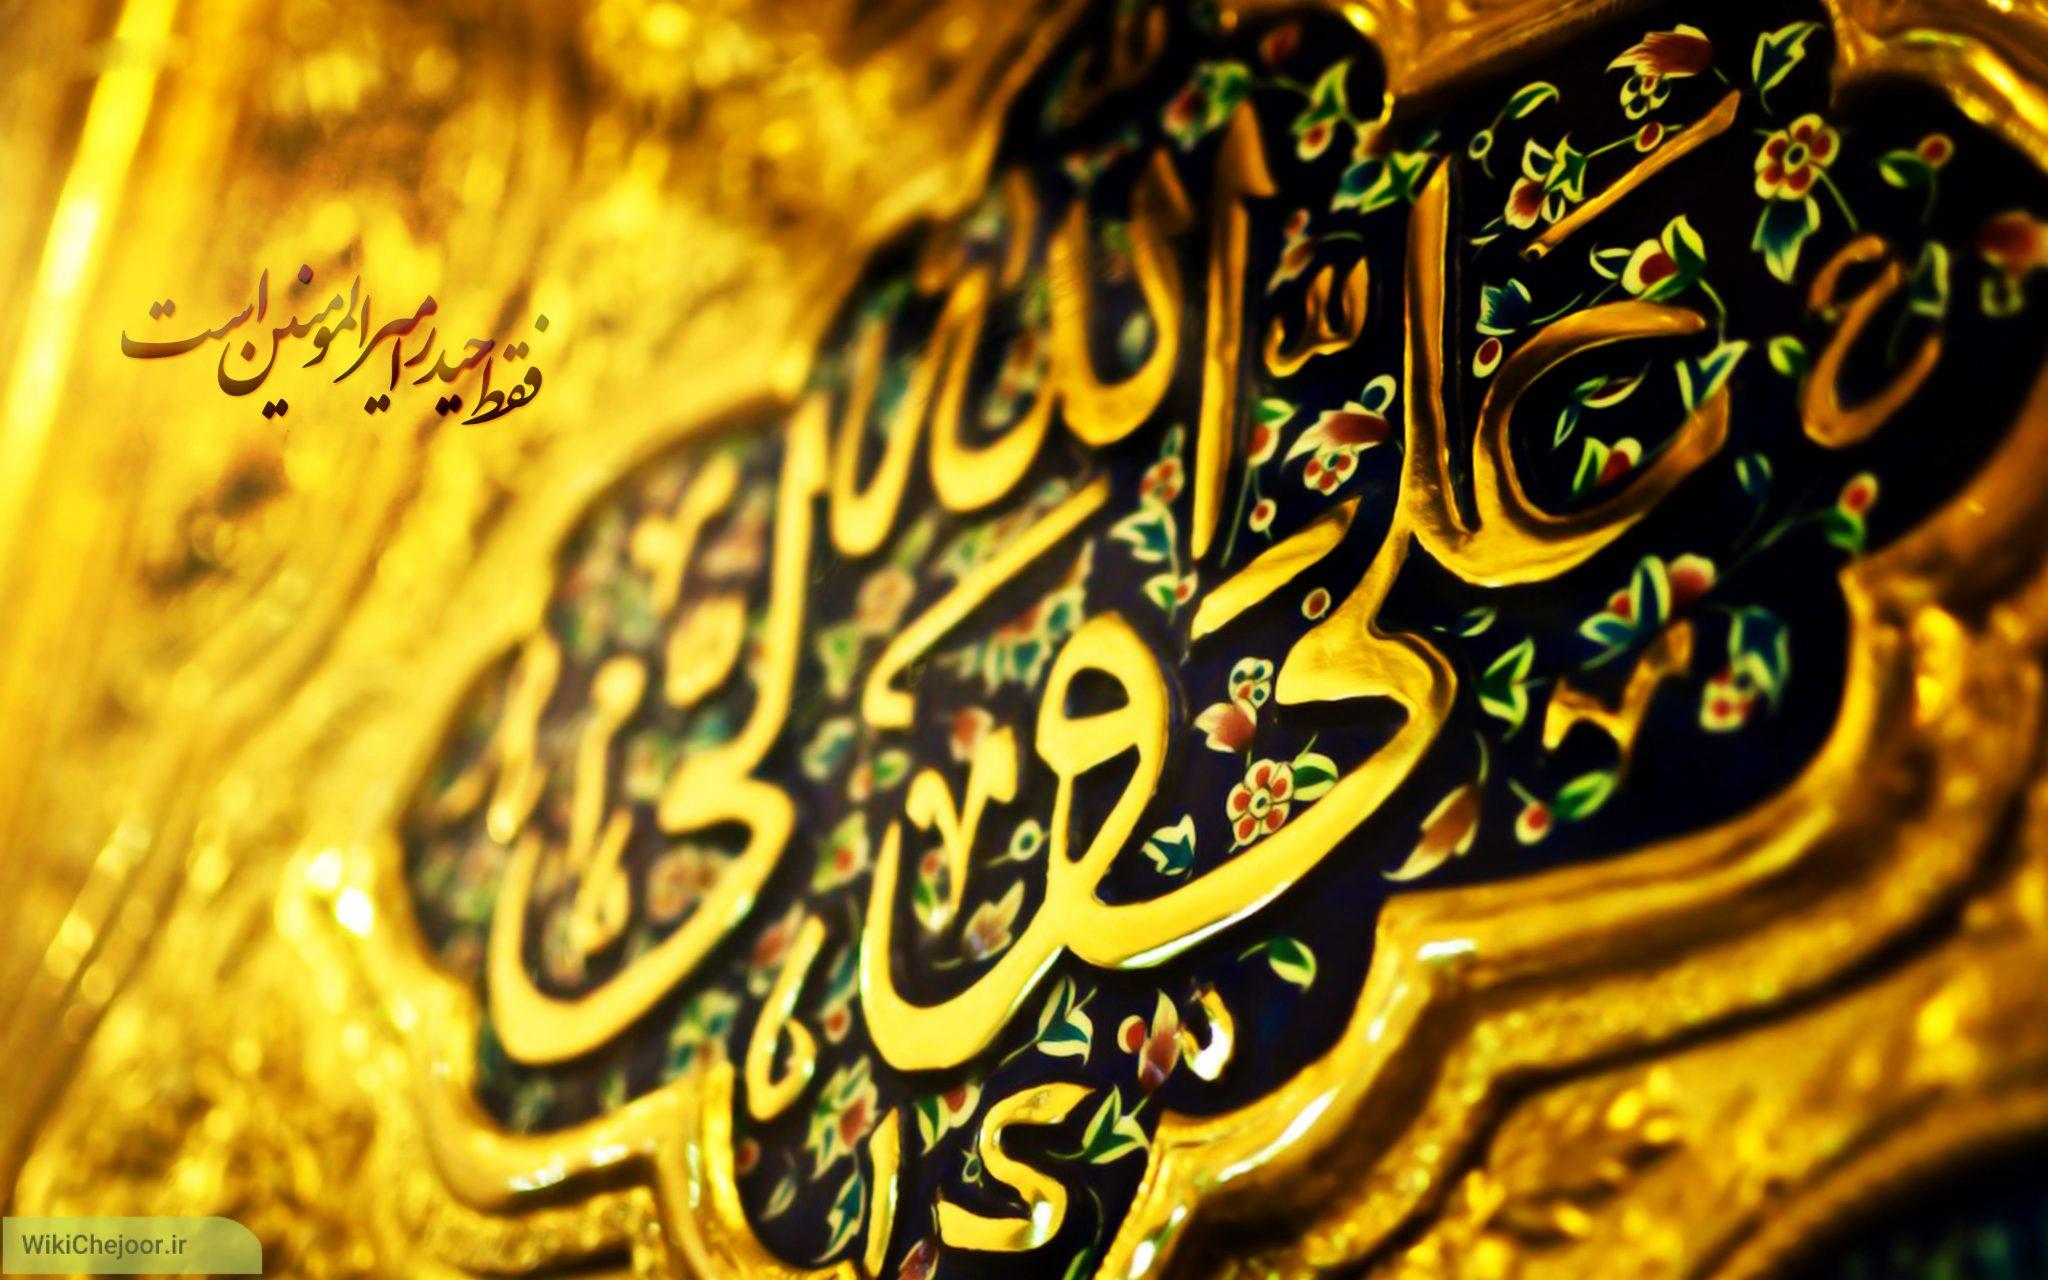 چگونه حضرت علی (ع) در هجرت پیامبر نقش داشتند؟